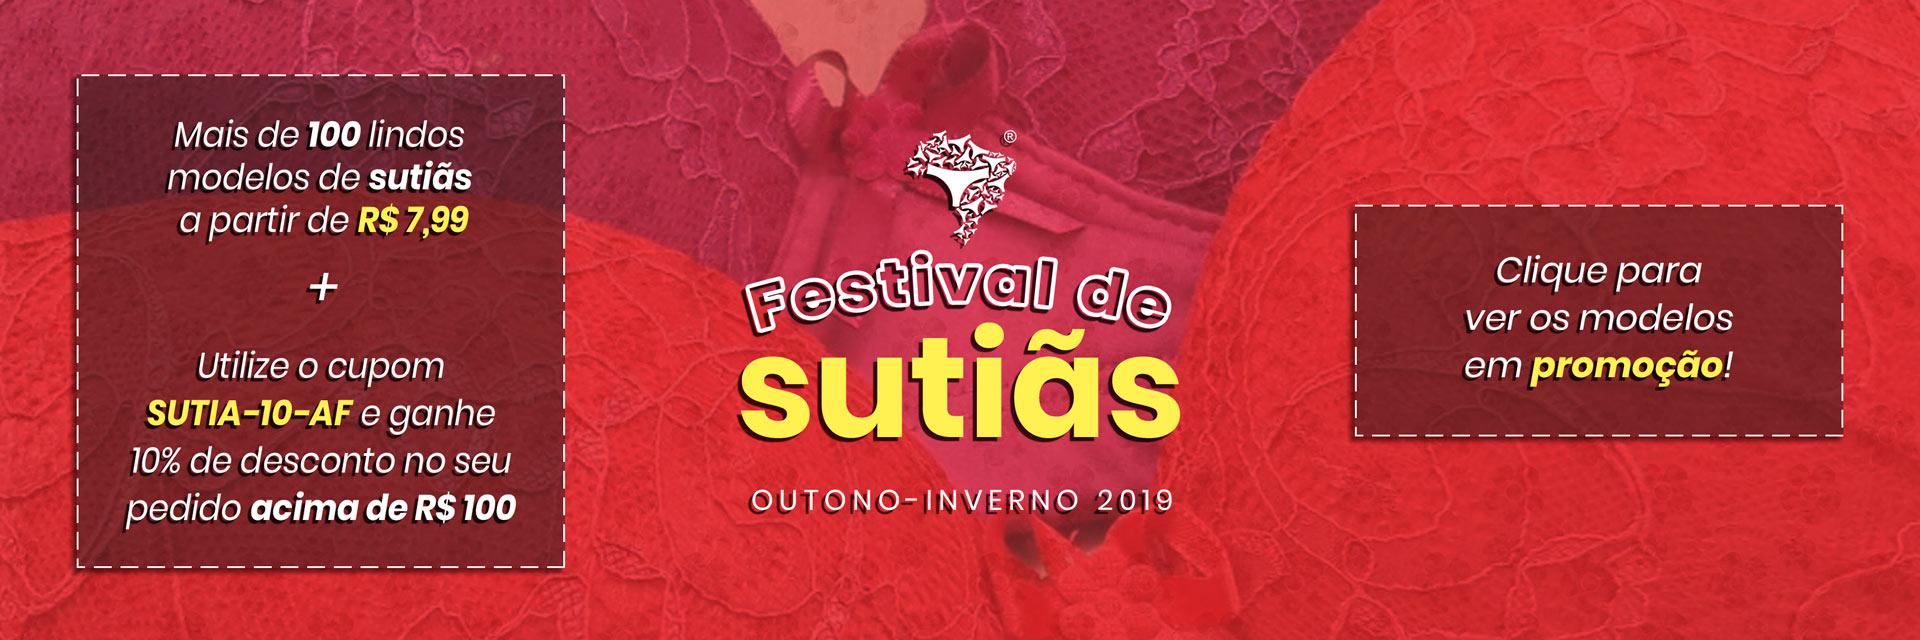 Festival de Sutiãs